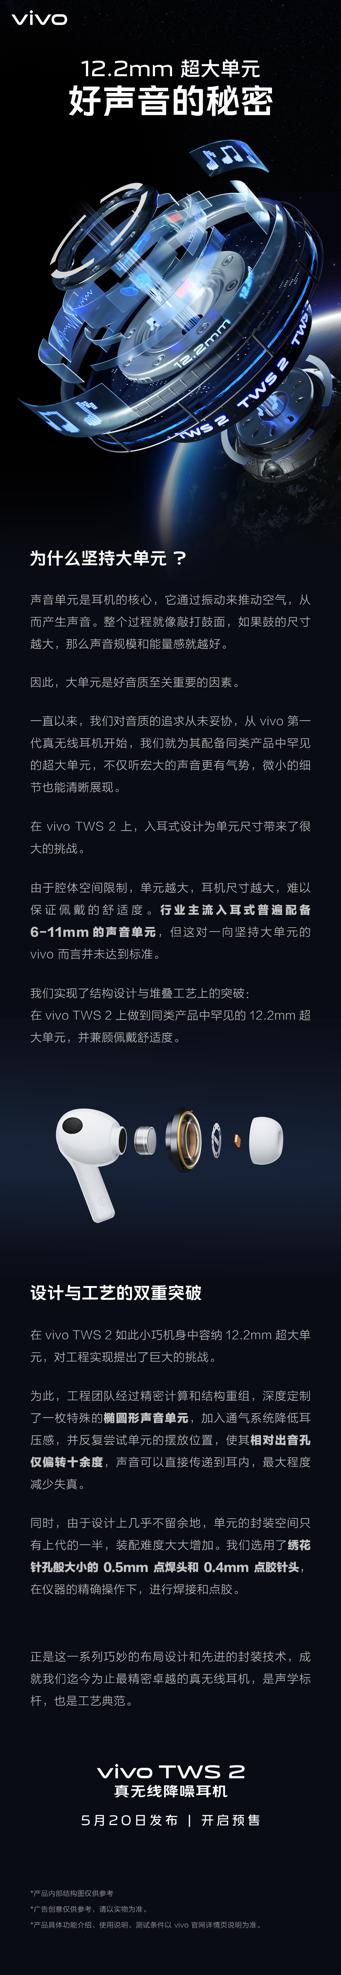 搭载12.2mm超大单元 vivo TWS 2真无线降噪耳机好声音的秘密